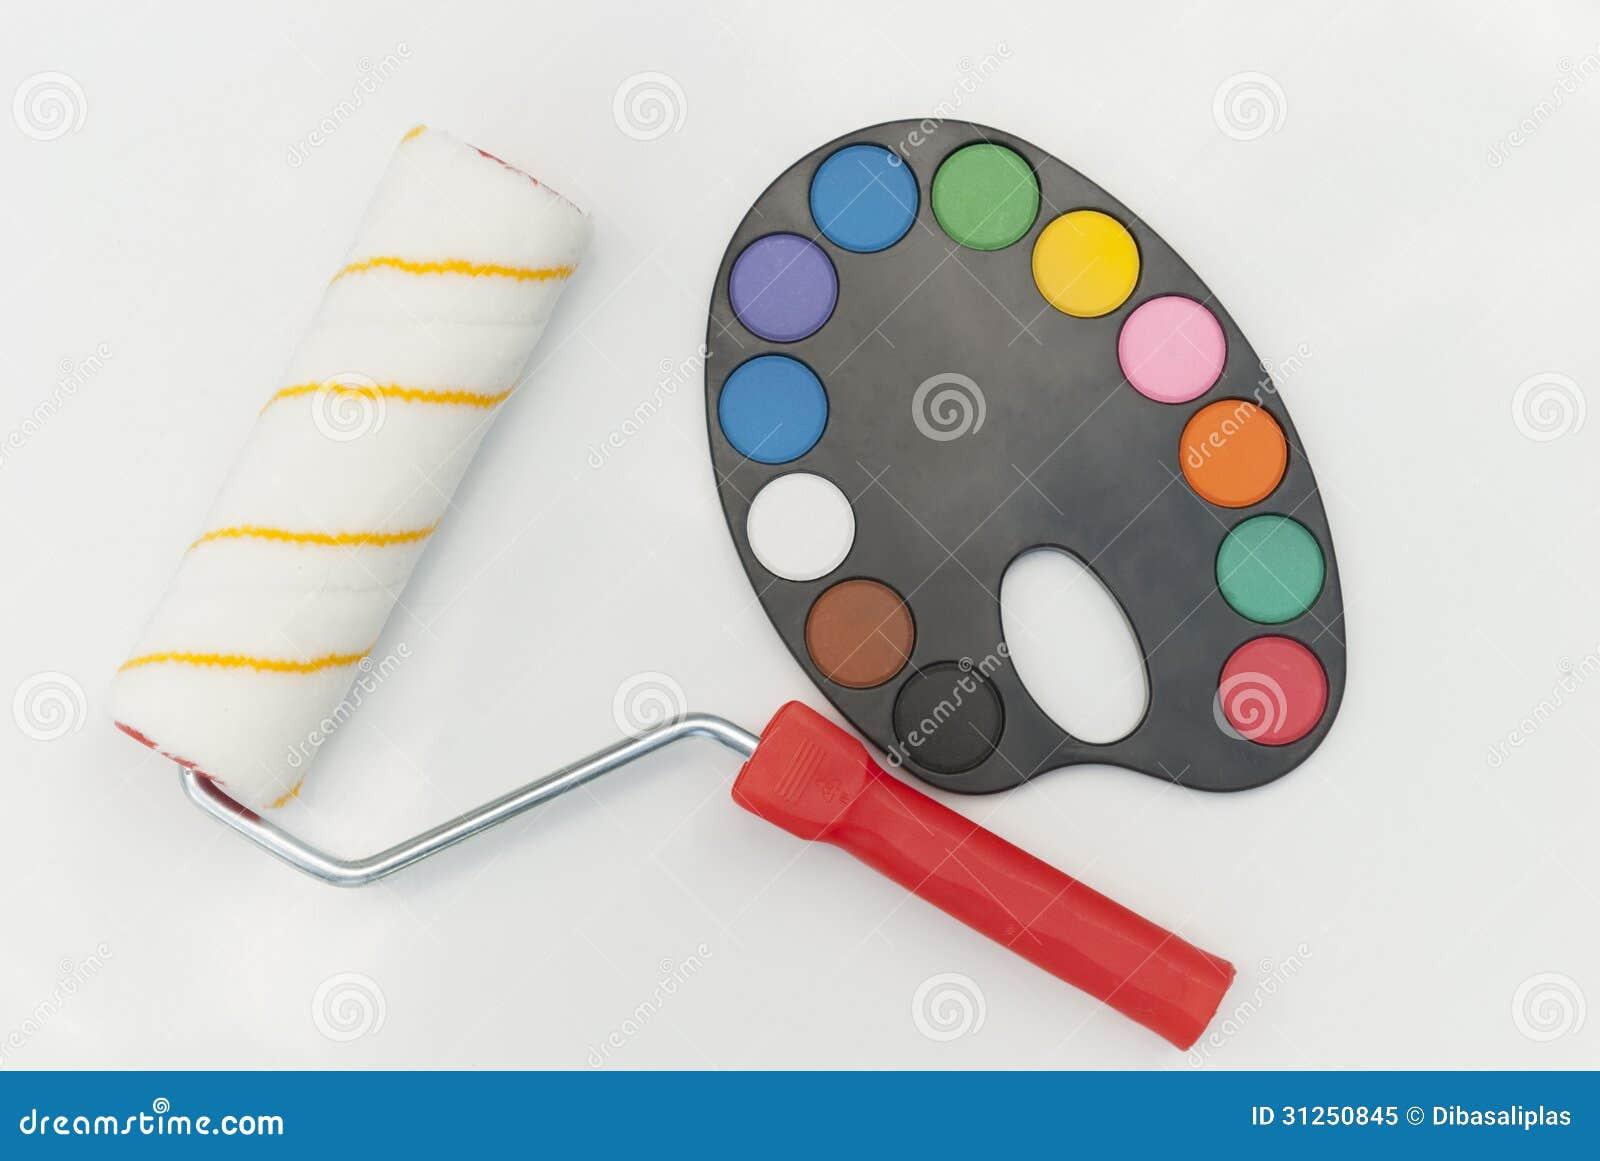 Rouleau pour peindre et palette avec des peintures d 39 aquarelle photo libre de droits image for Peindre palette